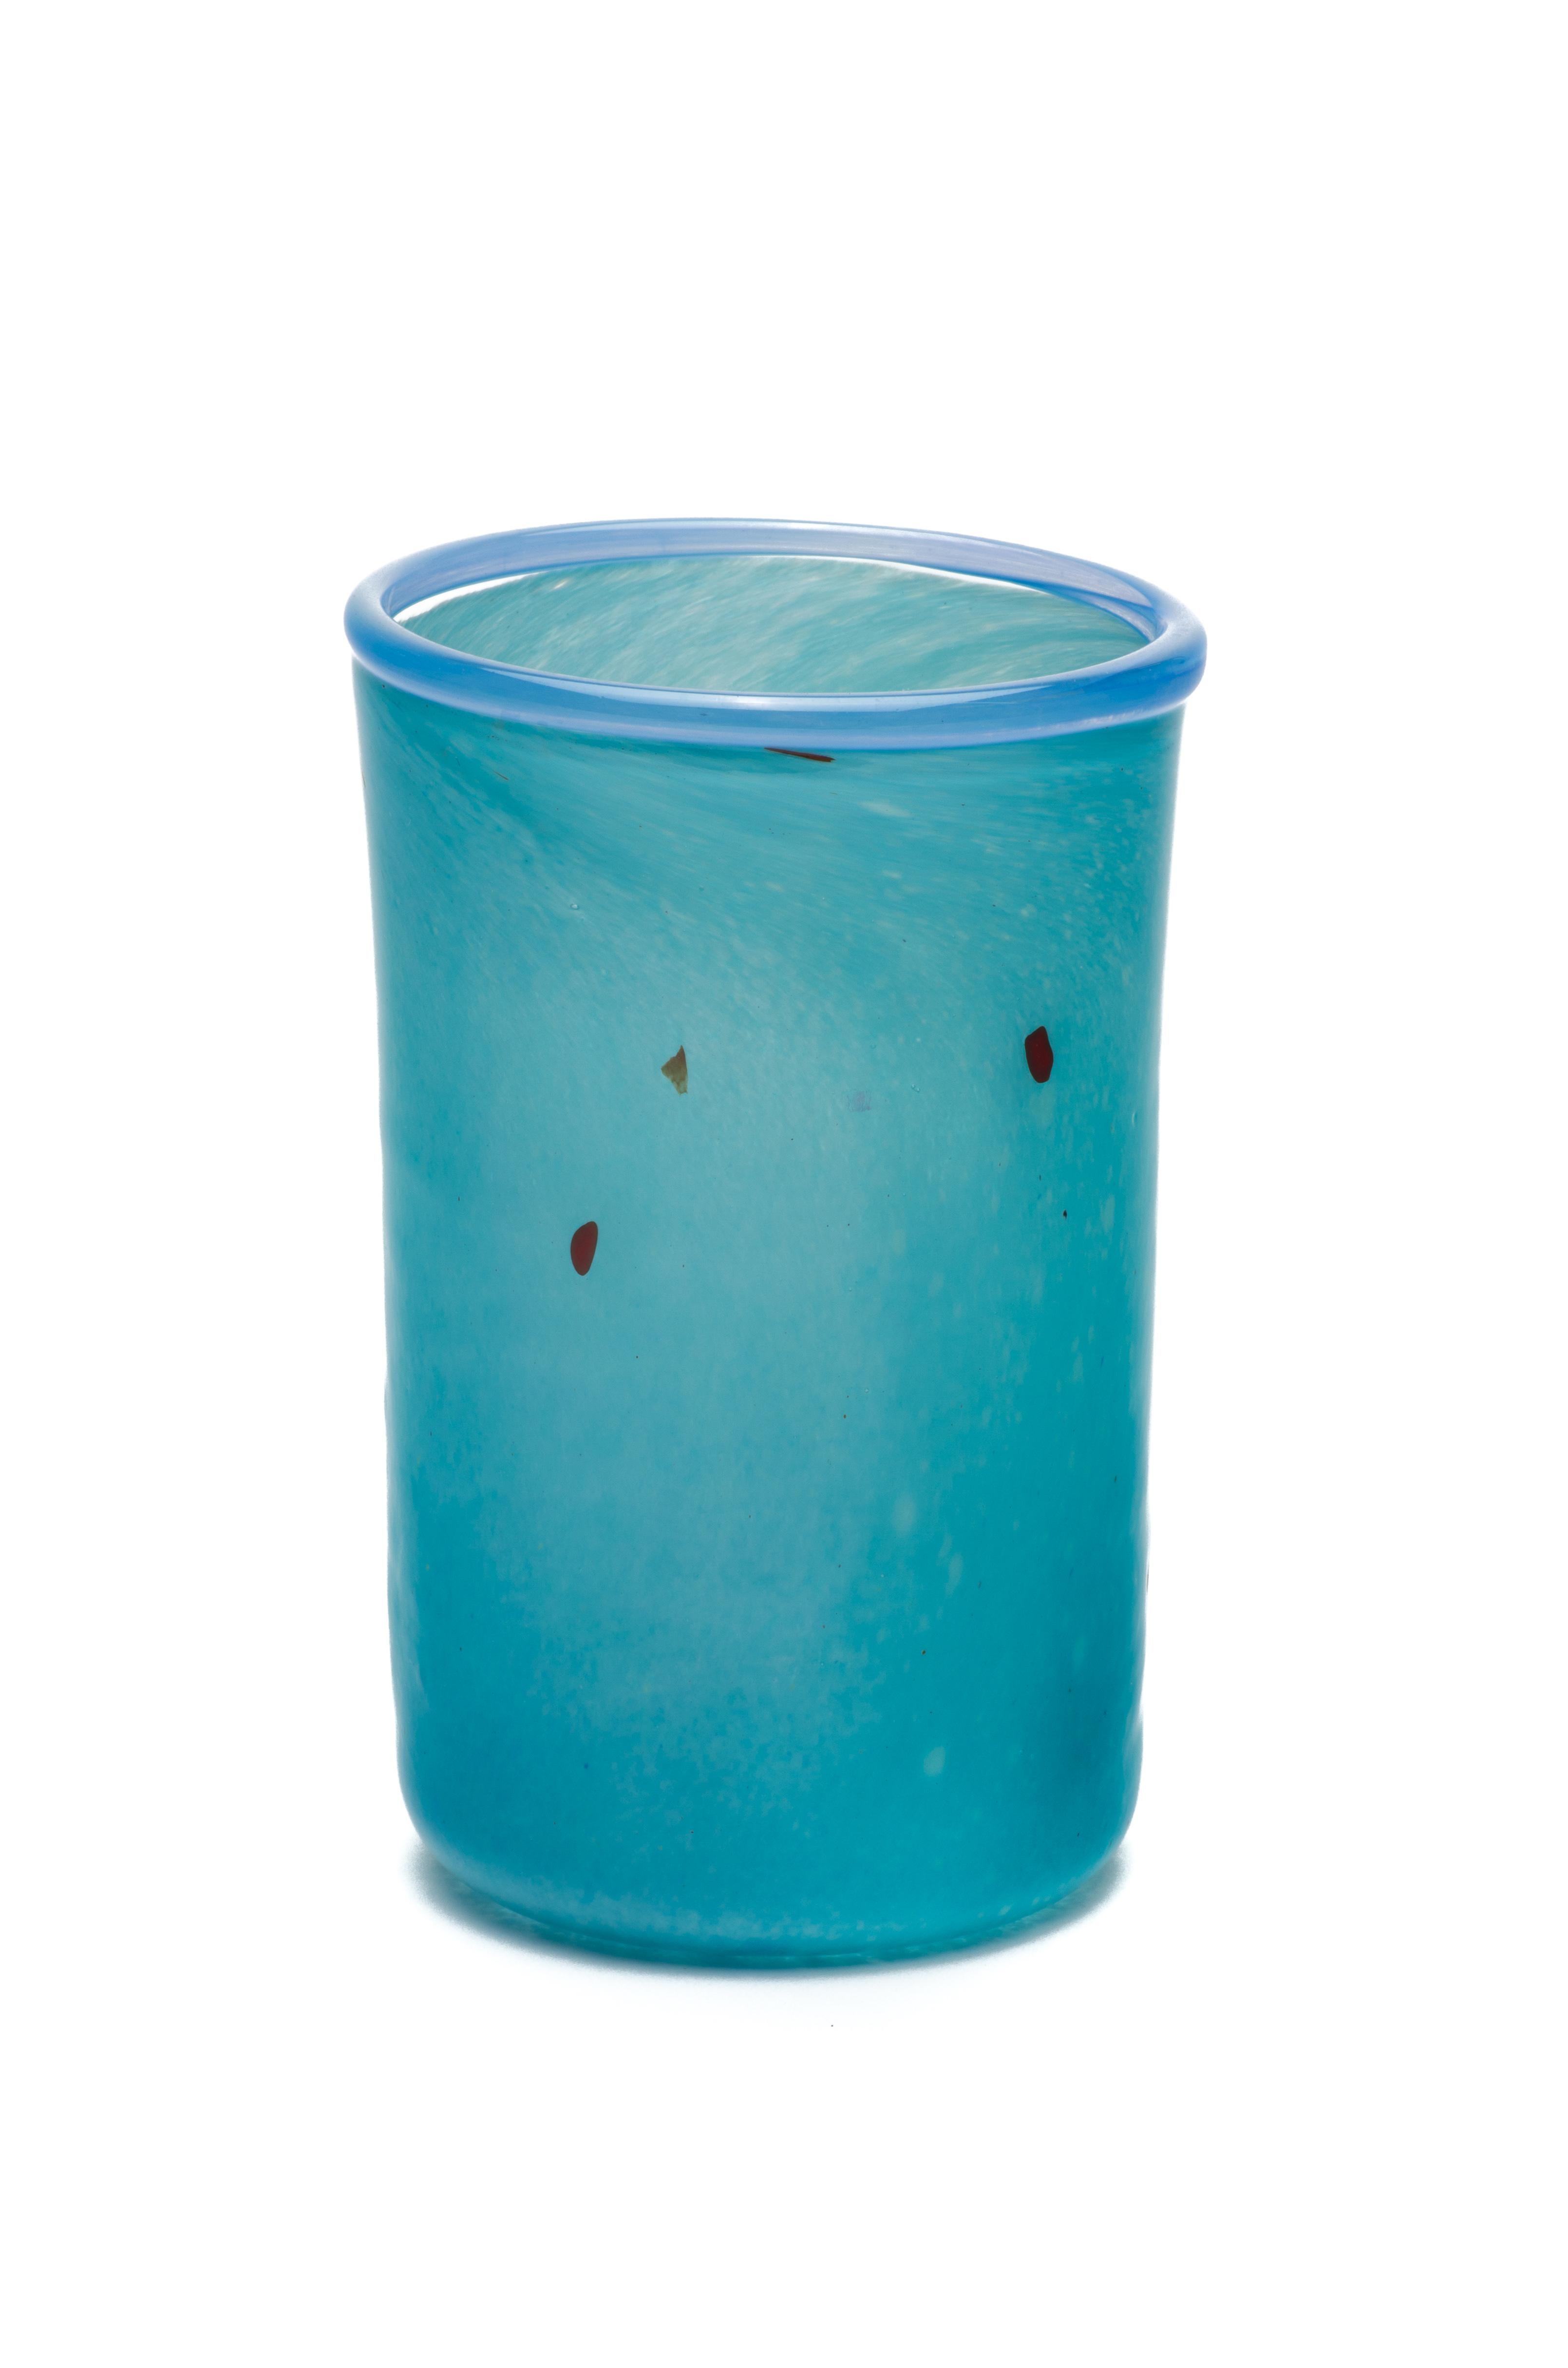 turkis med delftblå